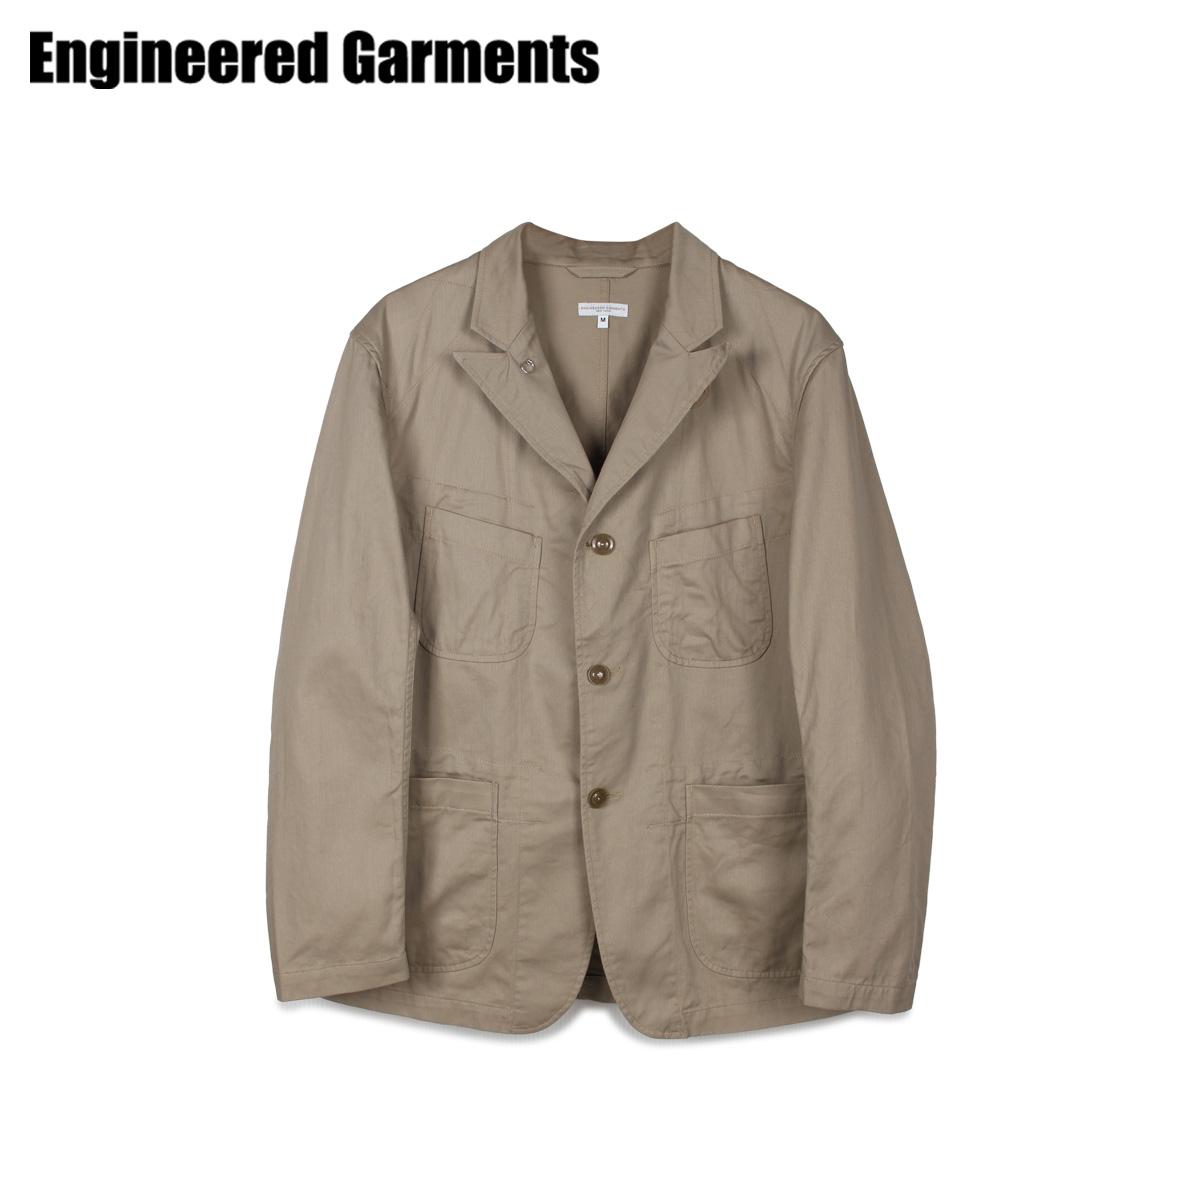 ENGINEERED GARMENTS エンジニアドガーメンツ ジャケット ベッドフォードジャケット メンズ BEDFORD JACKET ベージュ 20S1D005